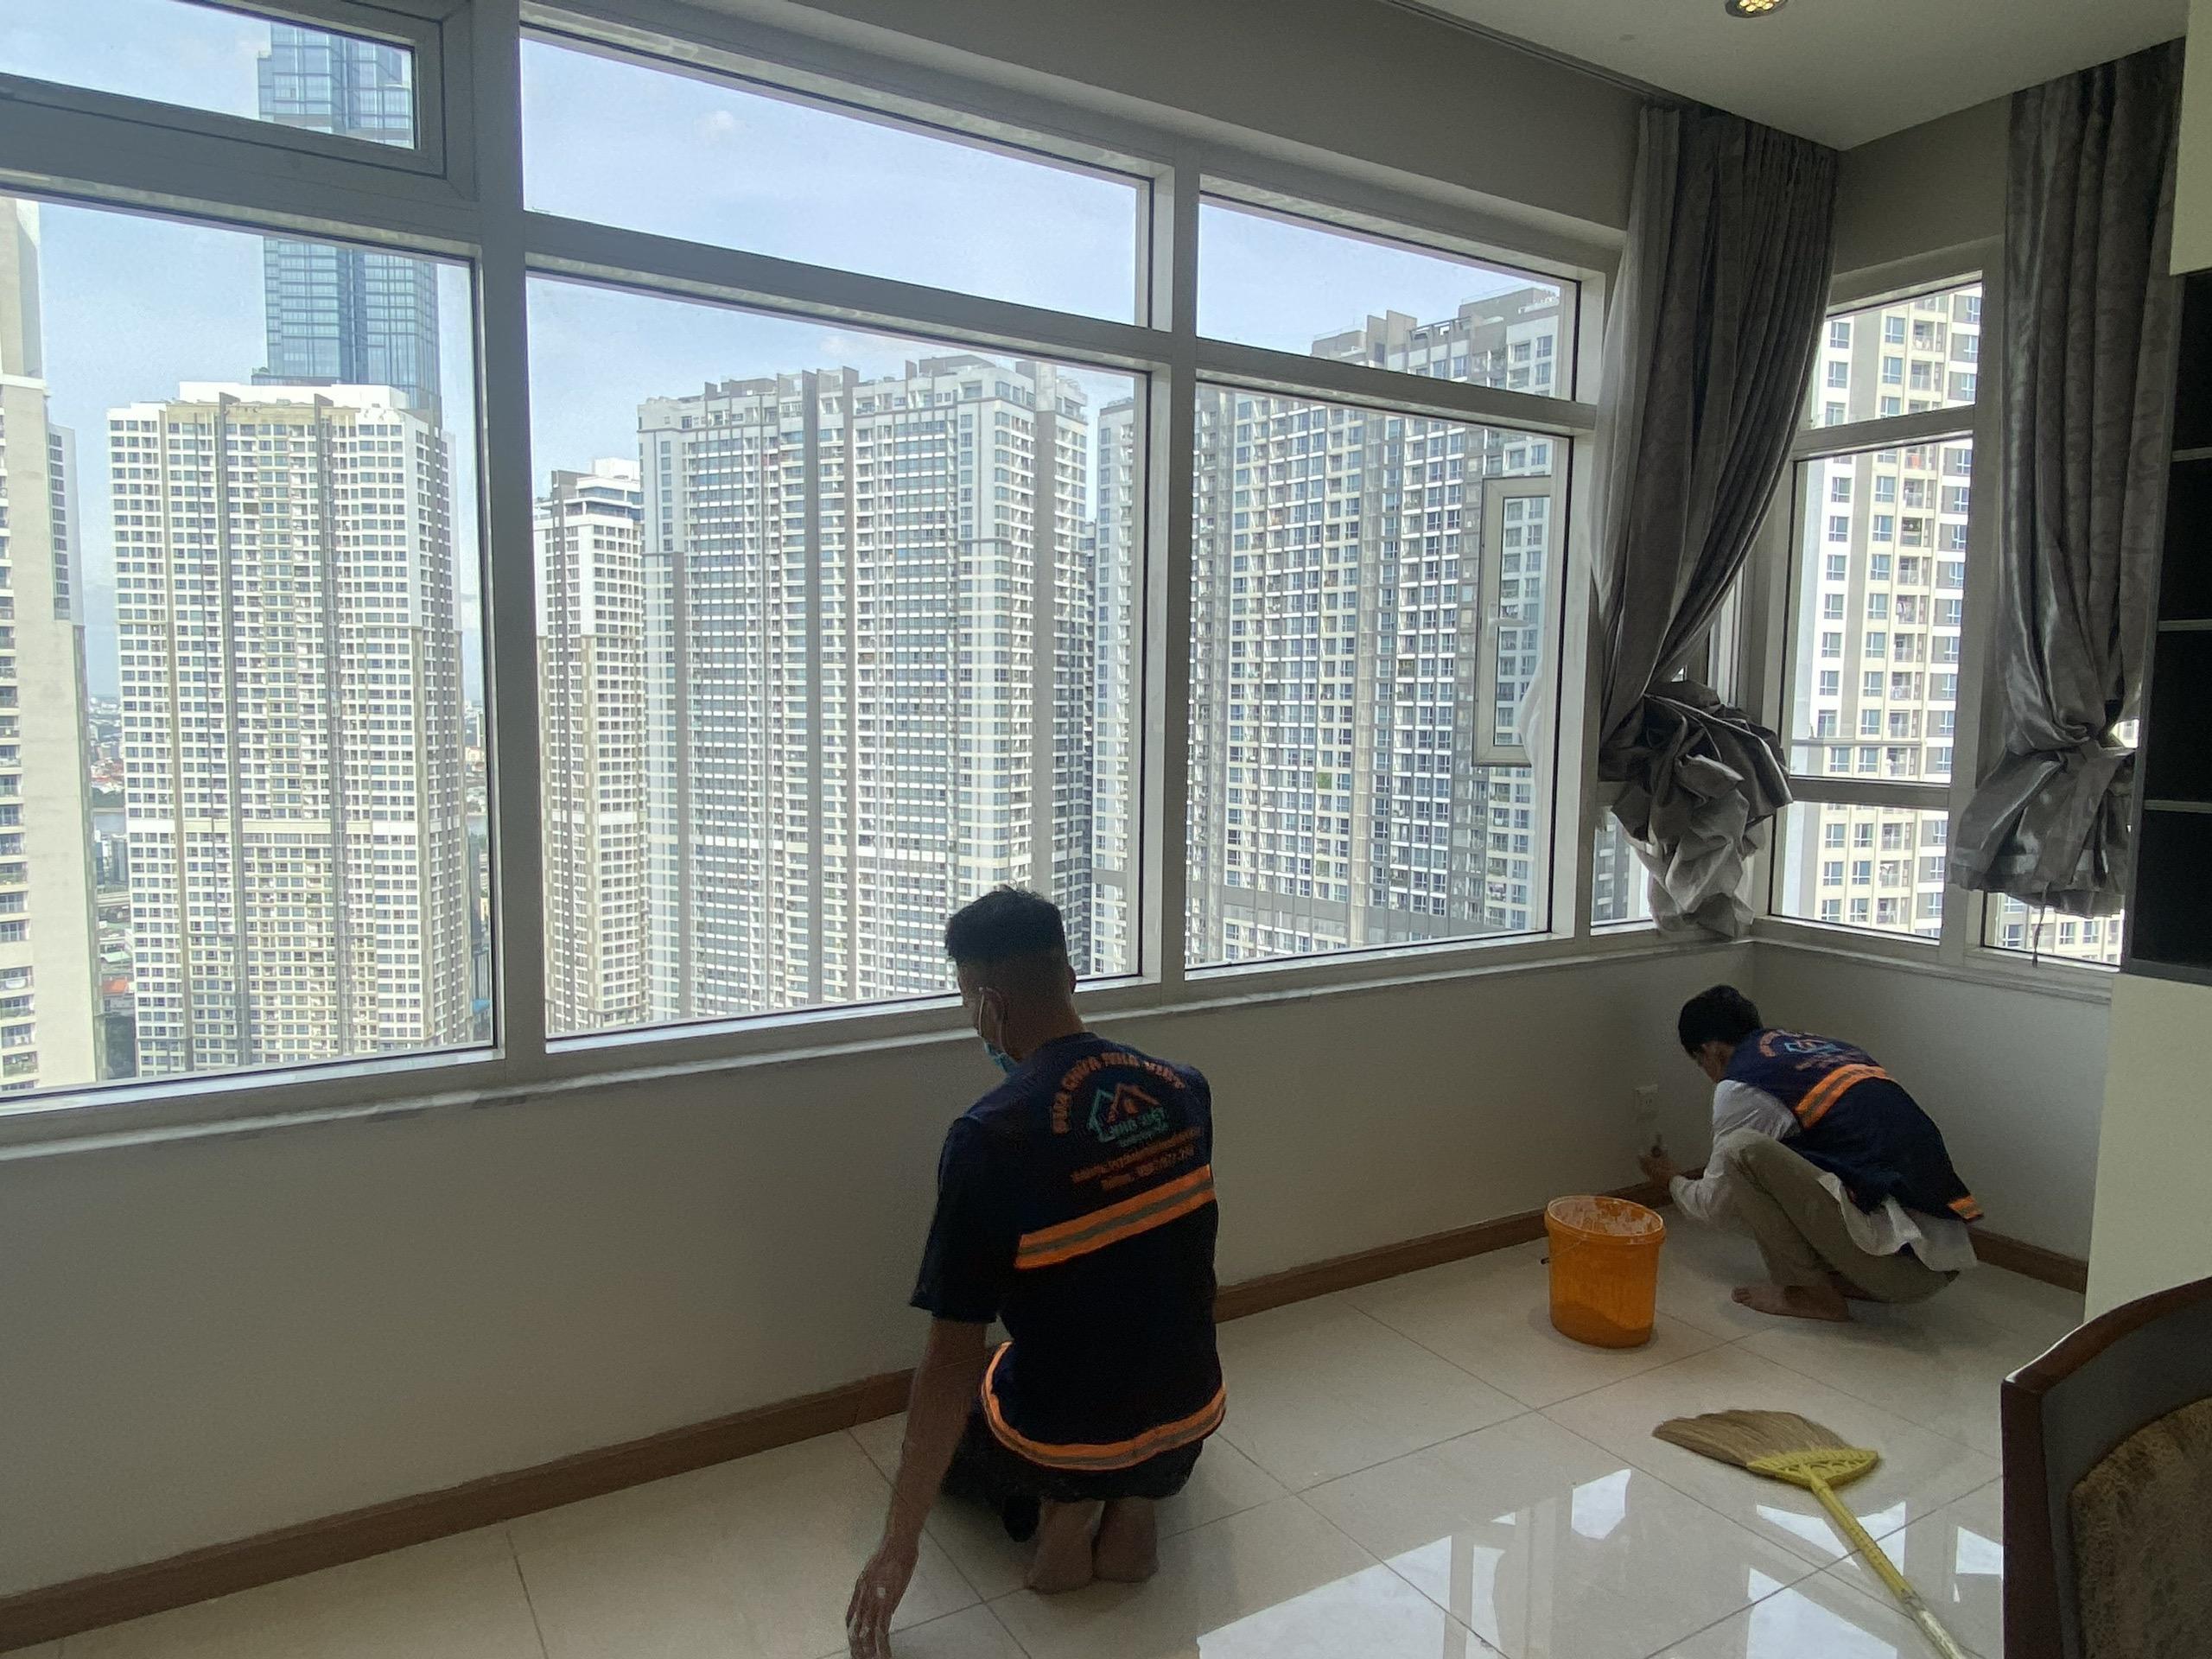 gia thi cong son nuoc 6 - Báo giá thi công sơn nước mới nhất, rẻ nhất tại Tp Hồ Chí Minh